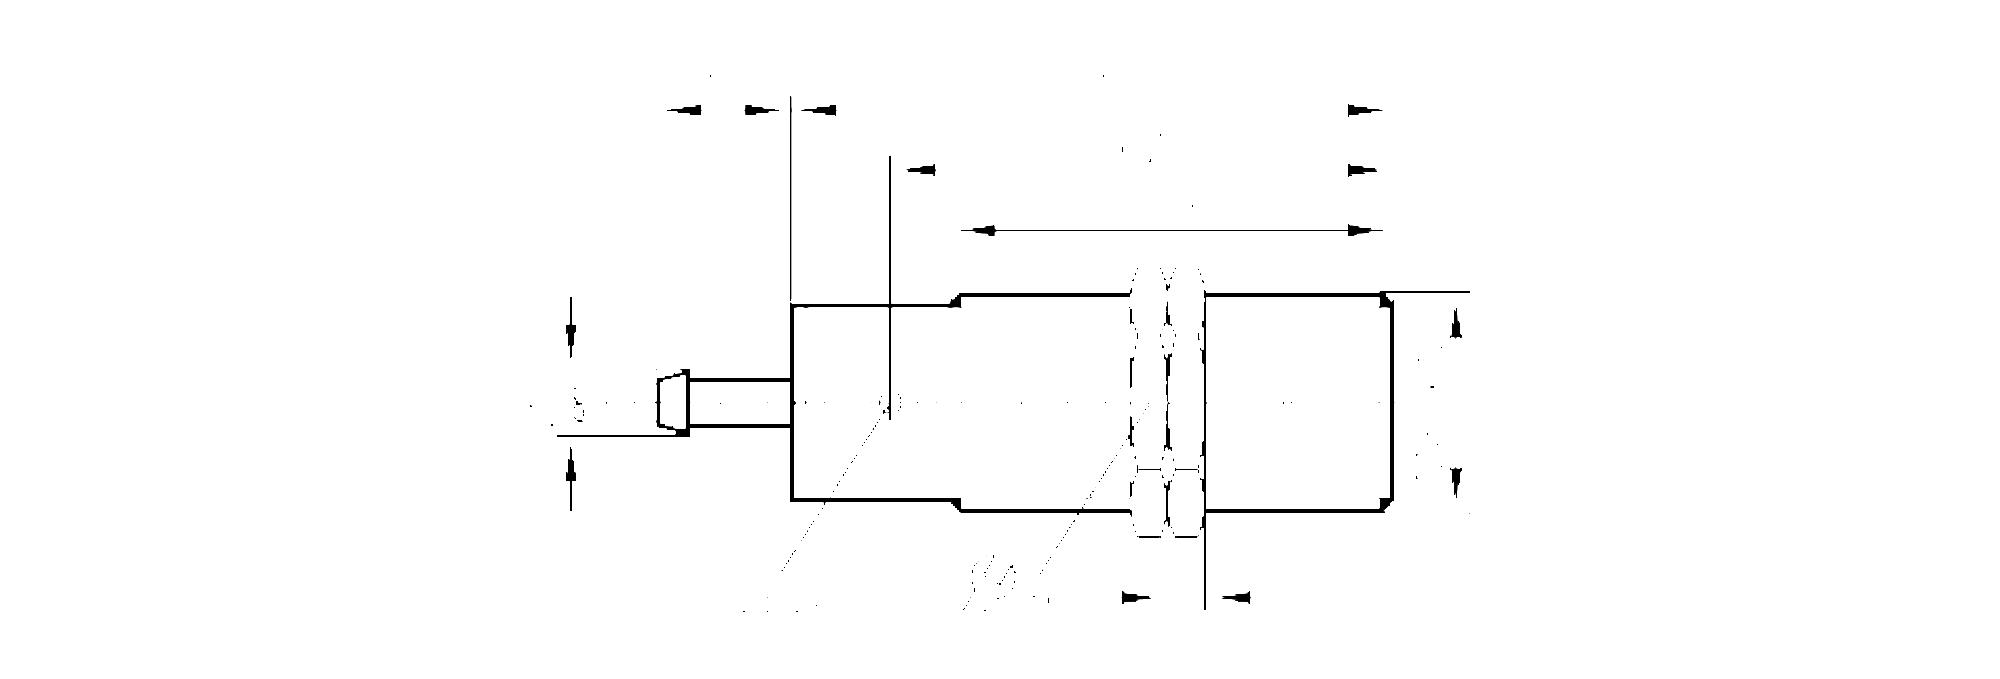 ii0096 - inductive sensor